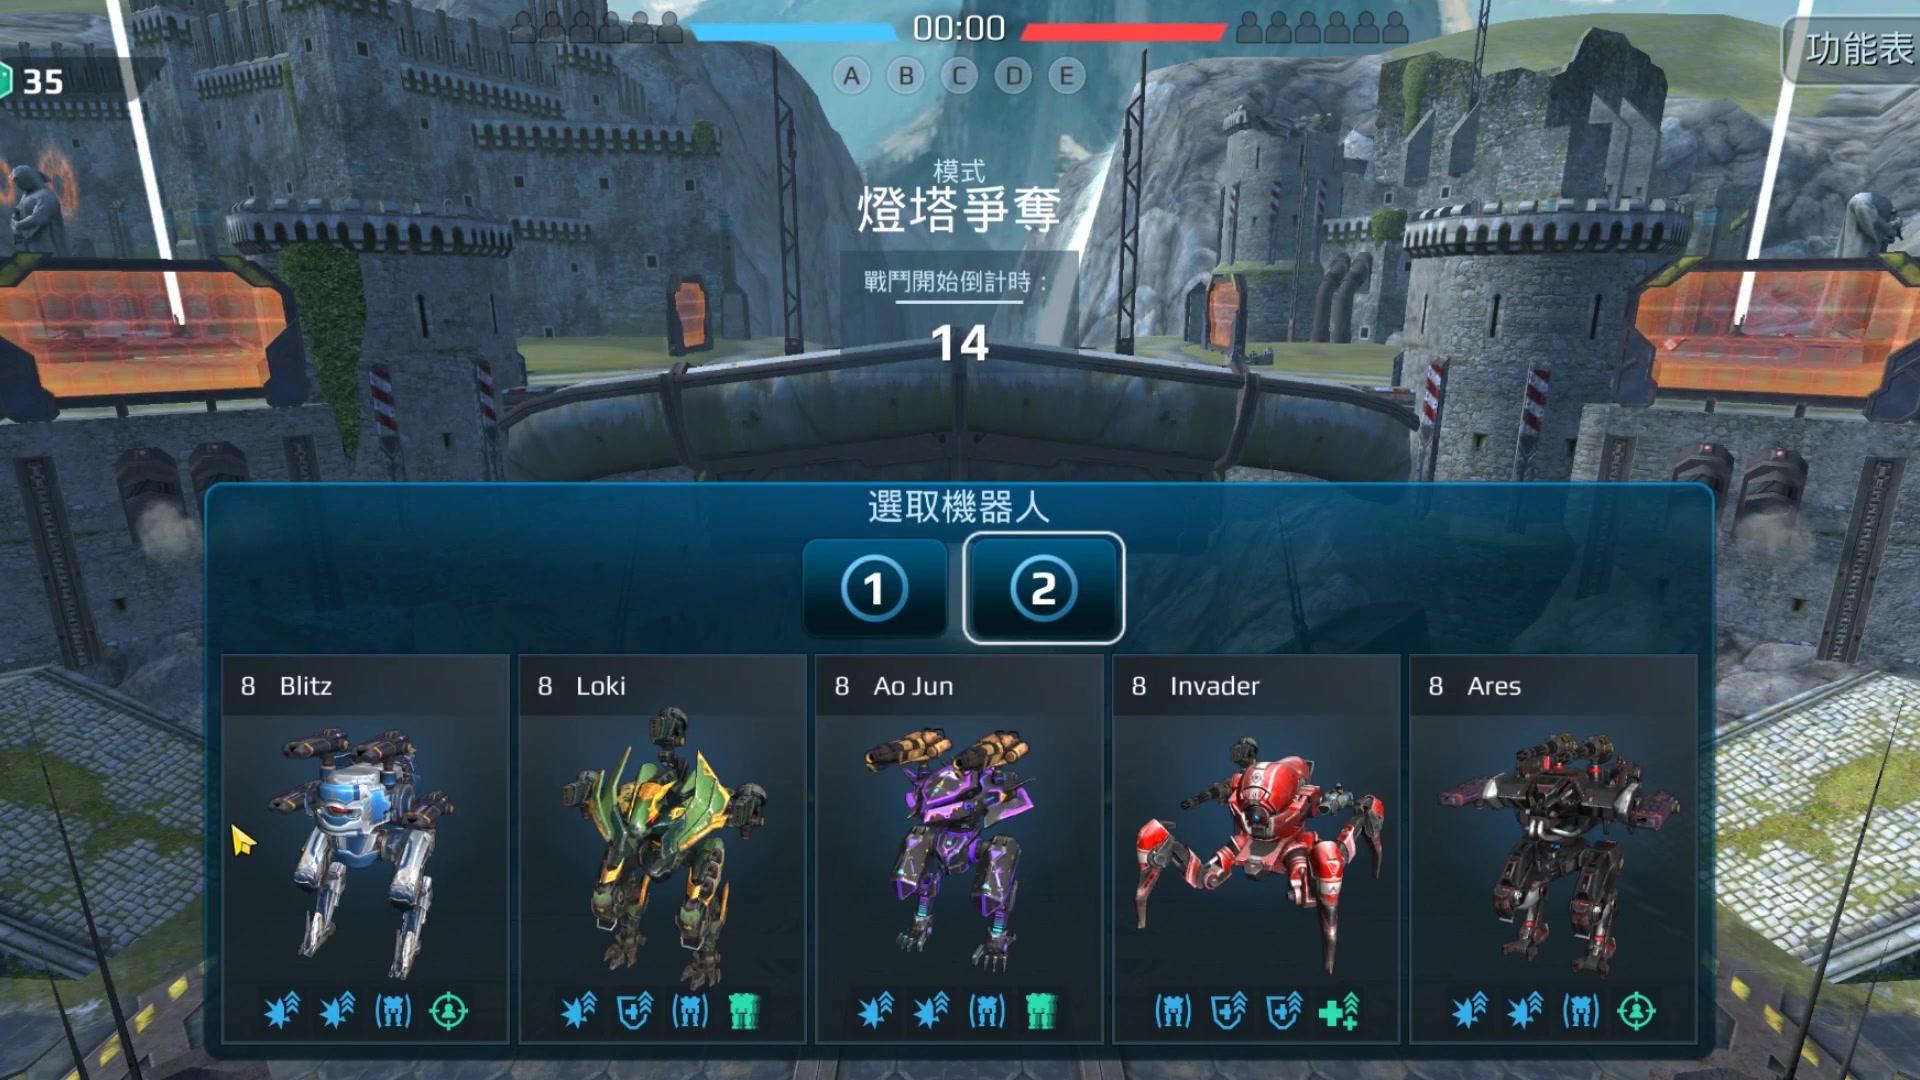 【War Robots】测试服照样暴打猎鹰